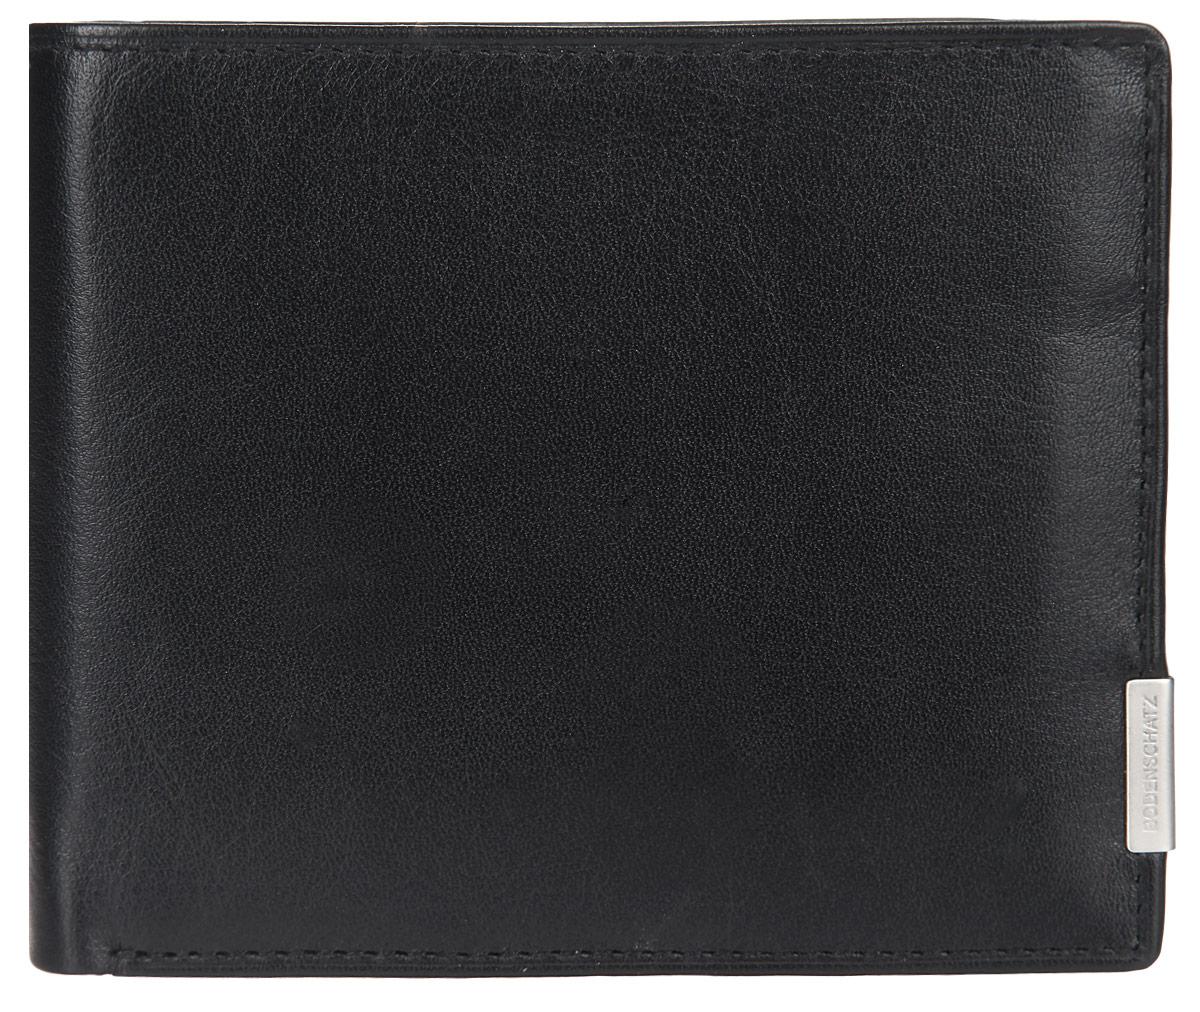 Портмоне мужское Bodenschatz, цвет: черный. 8-655/018-655/01Практичное портмоне Bodenschatz выполнено из высококачественной натуральной кожи с зернистой фактурой, оформлено металлической фурнитурой с символикой бренда. Портмоне раскладывается пополам, внутри изделия расположены: два отделения для купюр, два потайных кармана, отделение для монет на кнопке, шесть карманов для кредитных карт, один из которых с сетчатой вставкой. Портмоне упаковано в коробку из плотного картона с логотипом фирмы. Это элегантное портмоне непременно подойдет к вашему образу и порадует простотой, стилем и функциональностью.